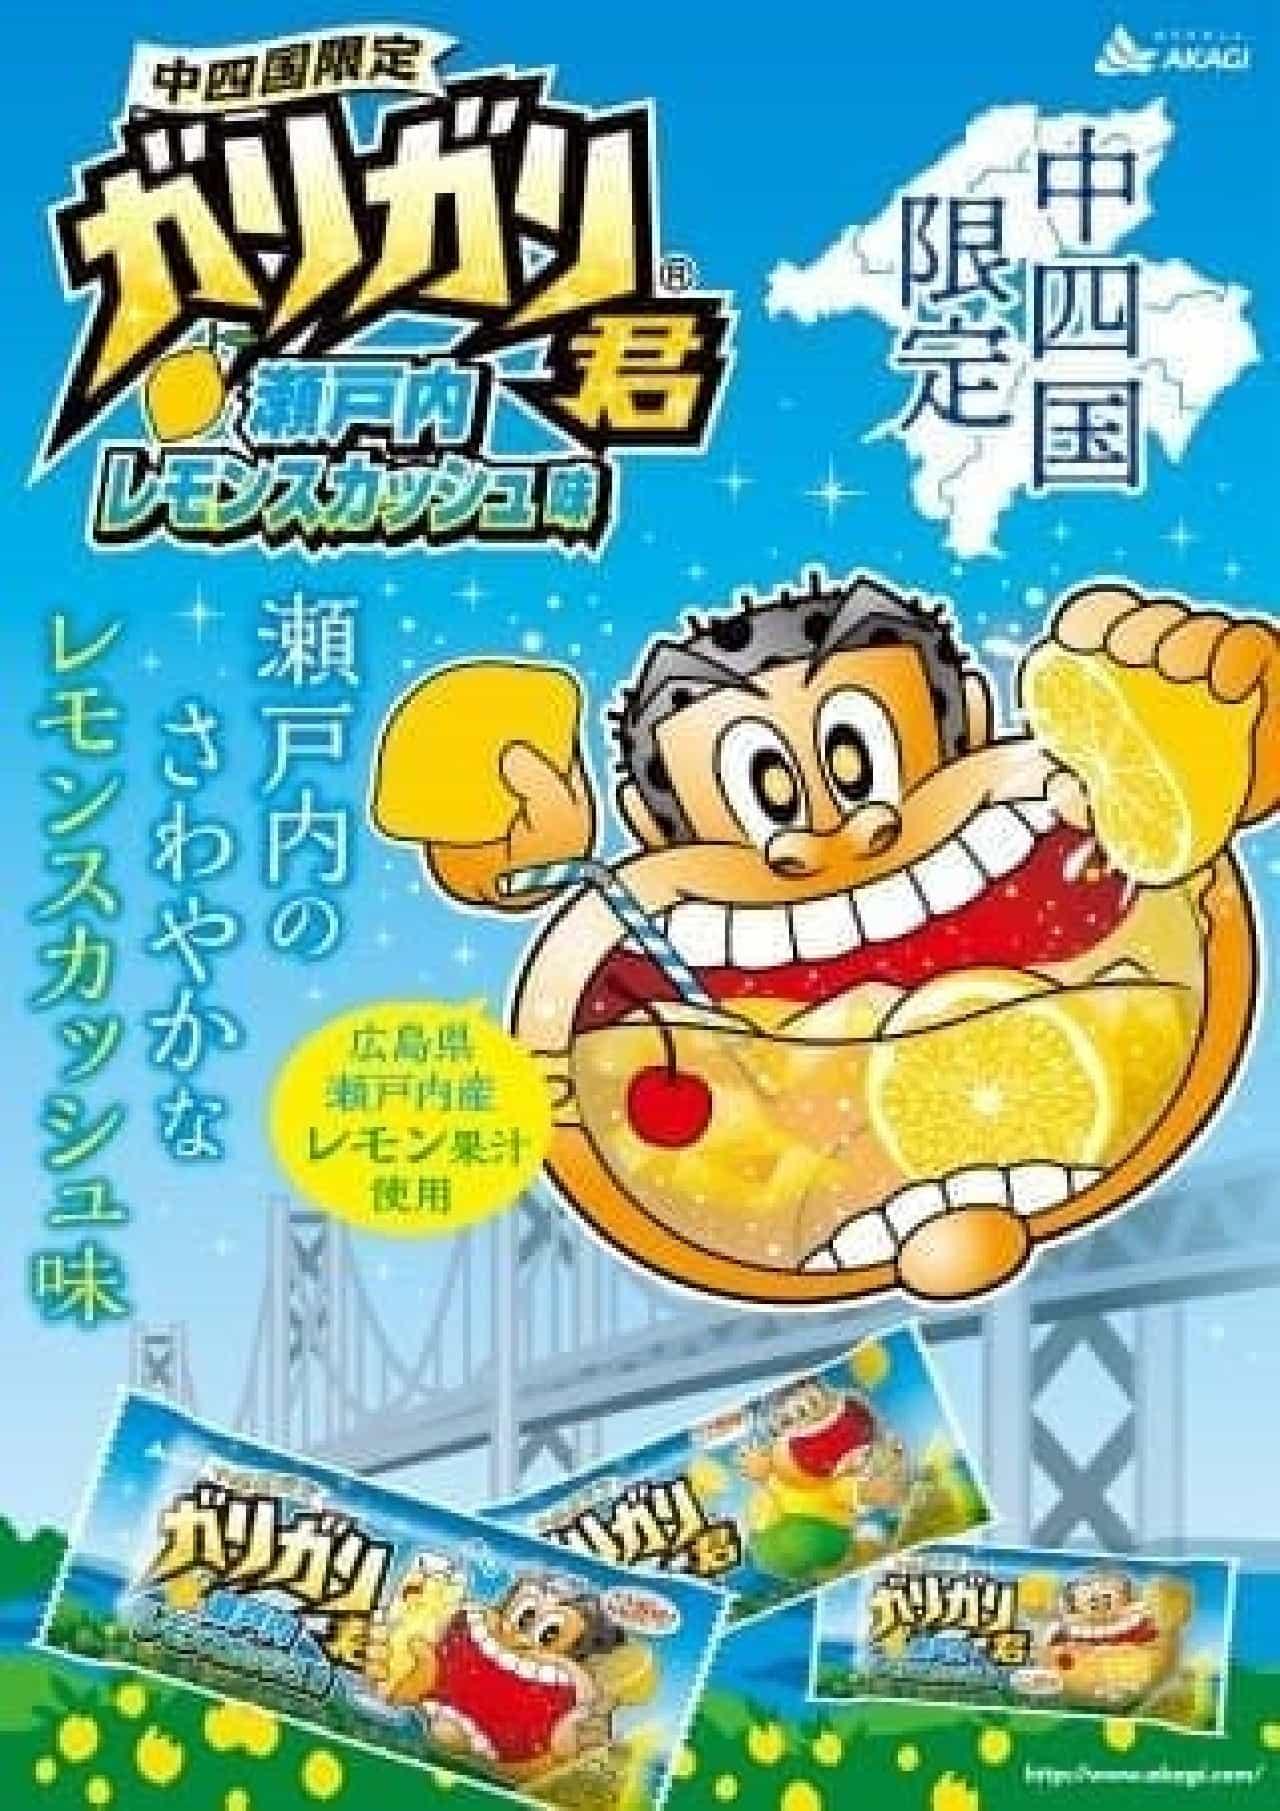 ガリガリ君「瀬戸内レモンスカッシュ味」